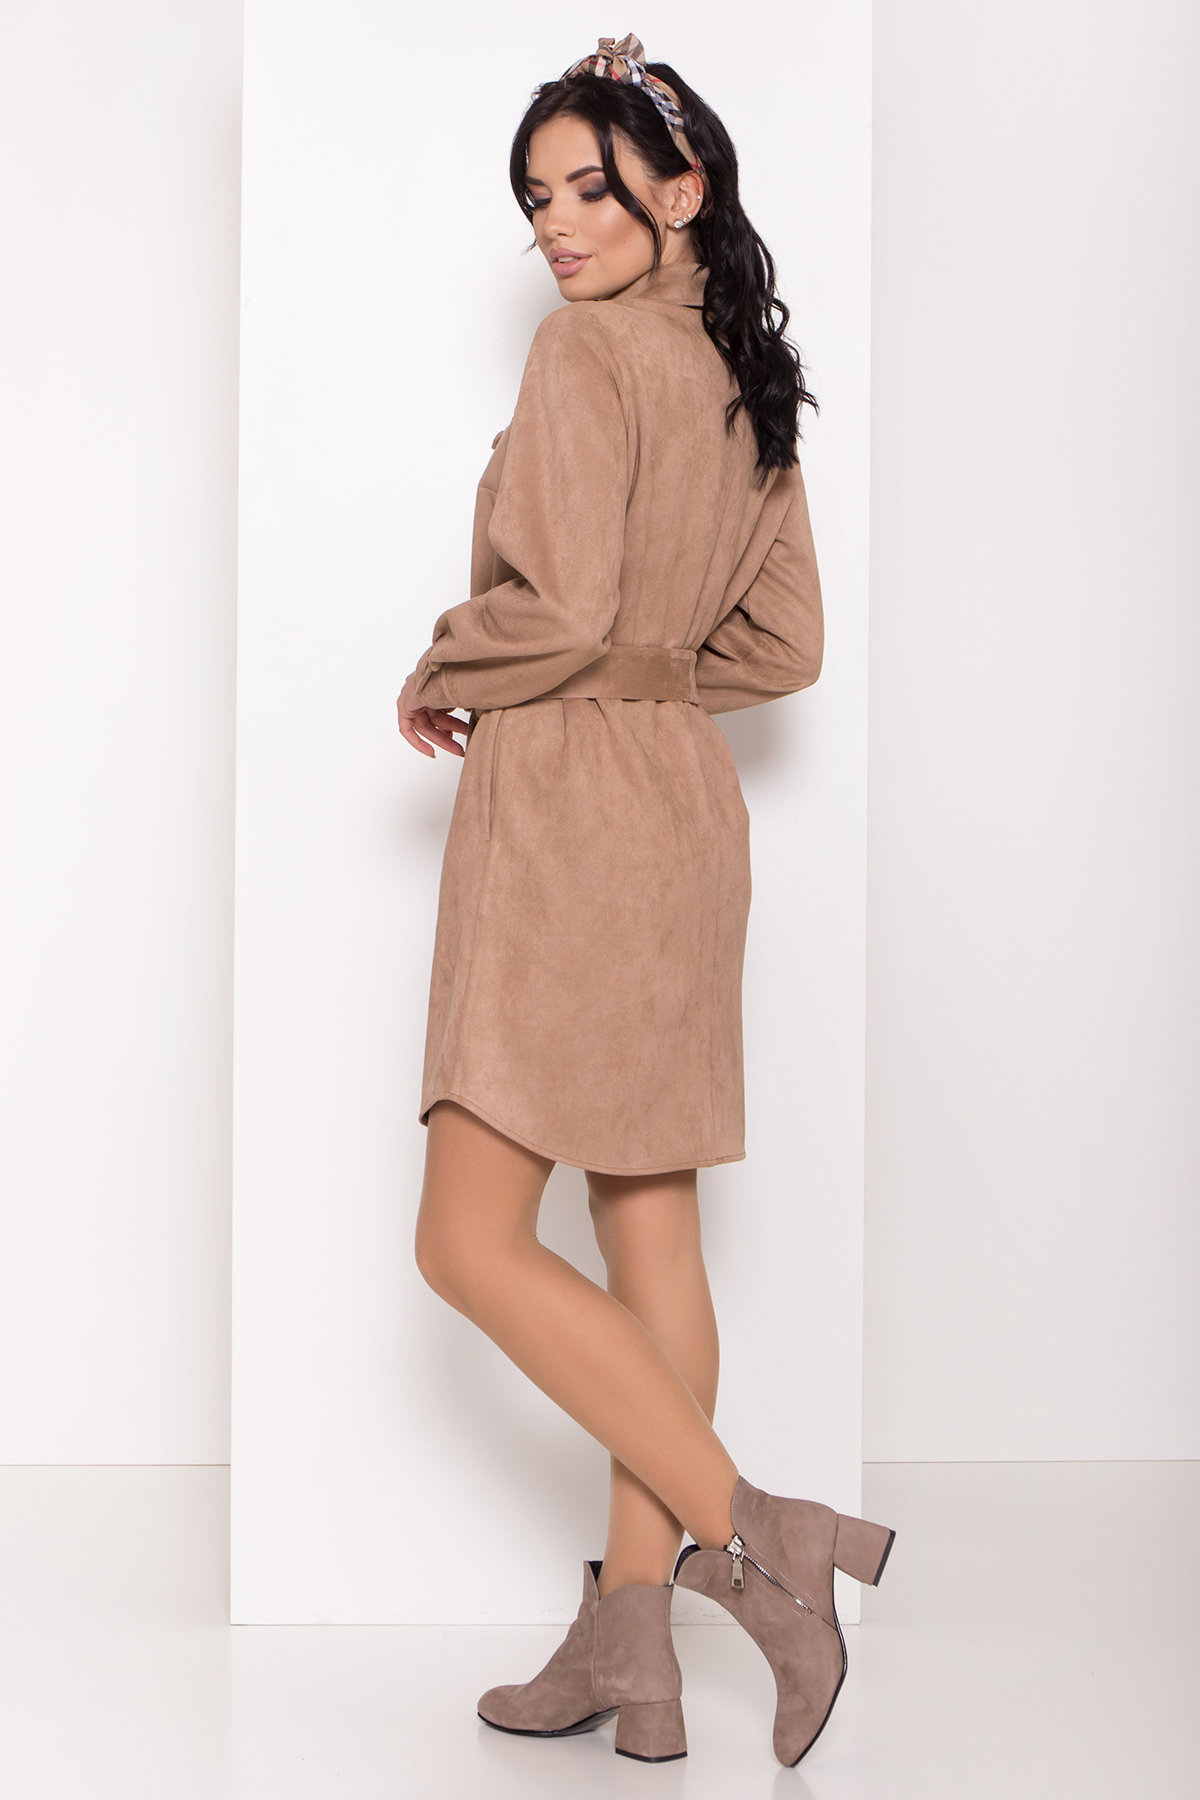 Оригинальное платье-рубашка Омса 8116 Цвет: Пудра Темная